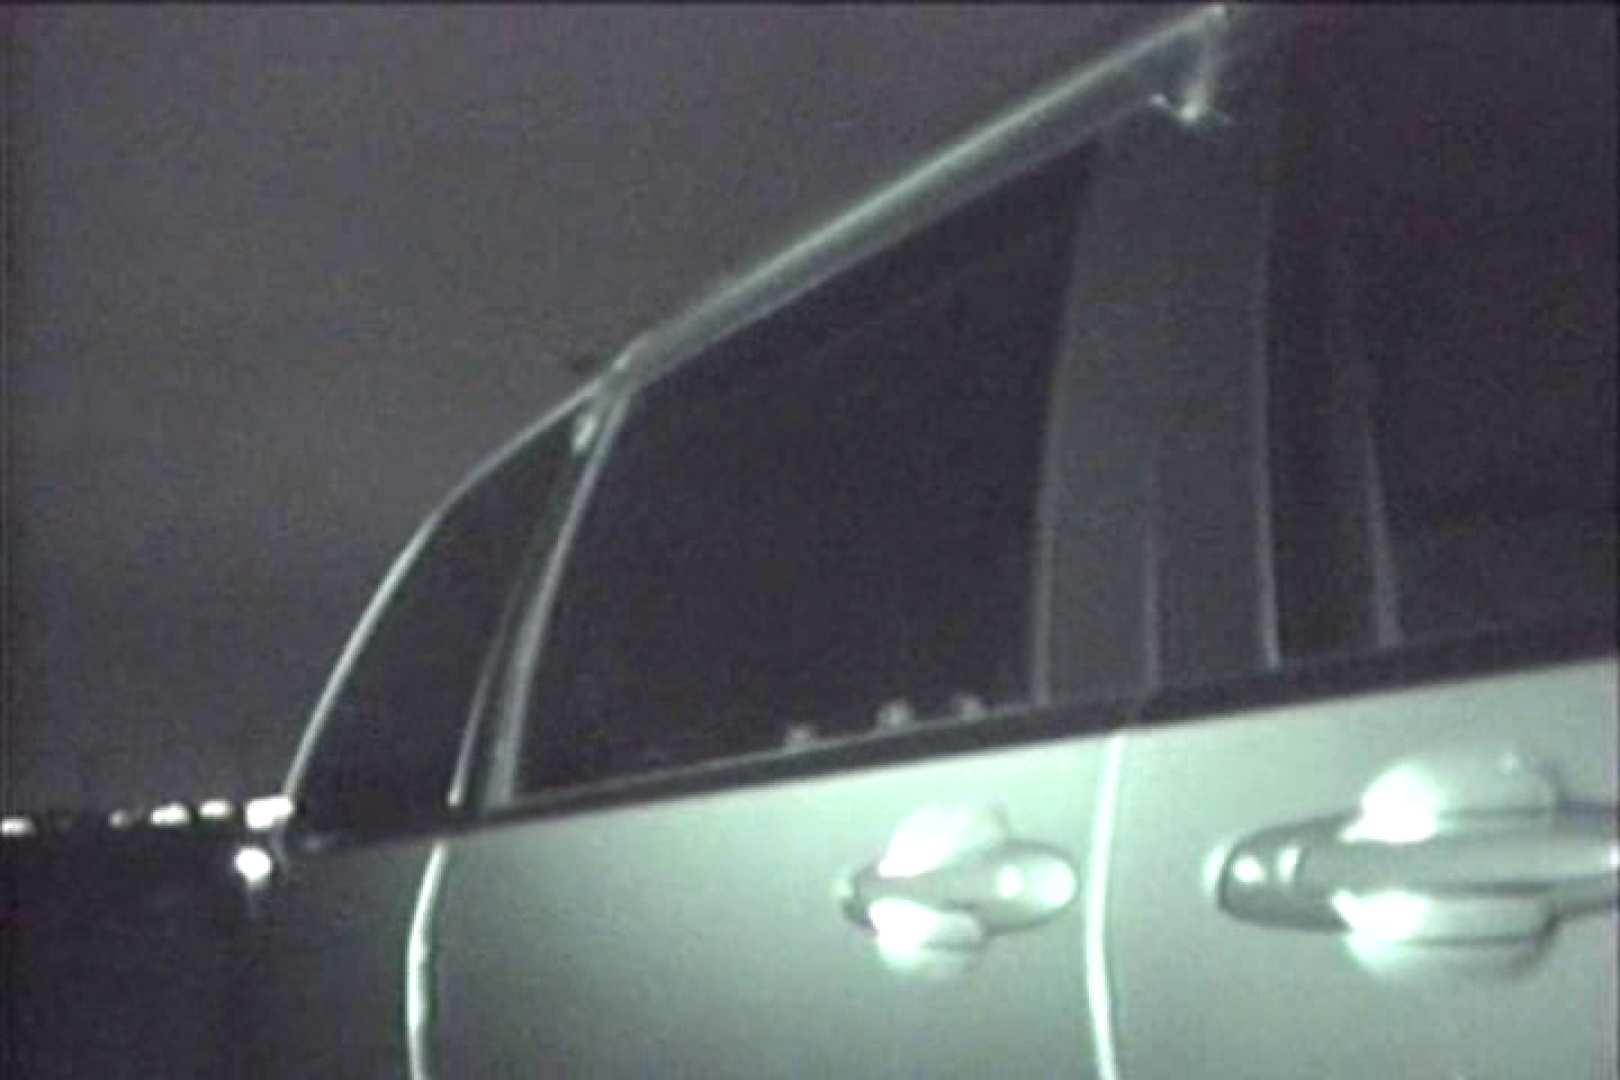 車の中はラブホテル 無修正版  Vol.18 ラブホテル オマンコ動画キャプチャ 80連発 20